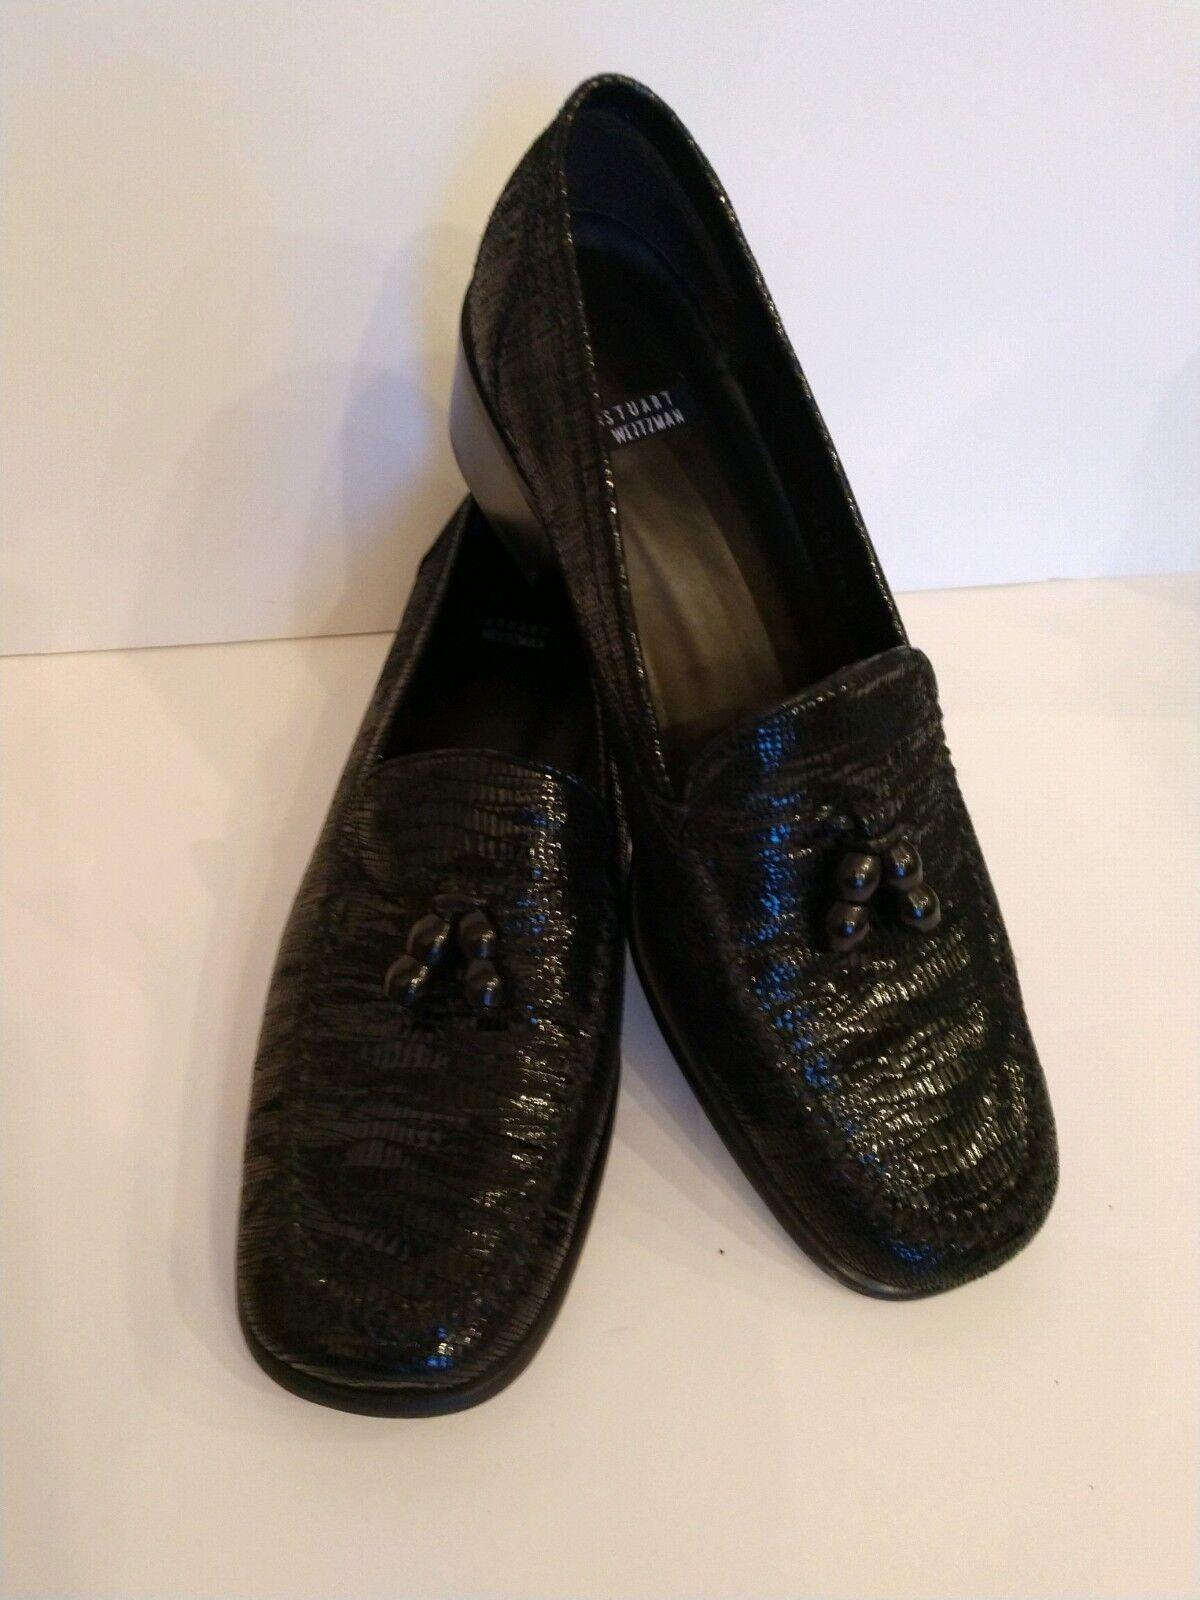 Stuart Weitzman Weitzman Weitzman Leather Snake Skin Loafers. Size 7.5. Worn once. acdddc